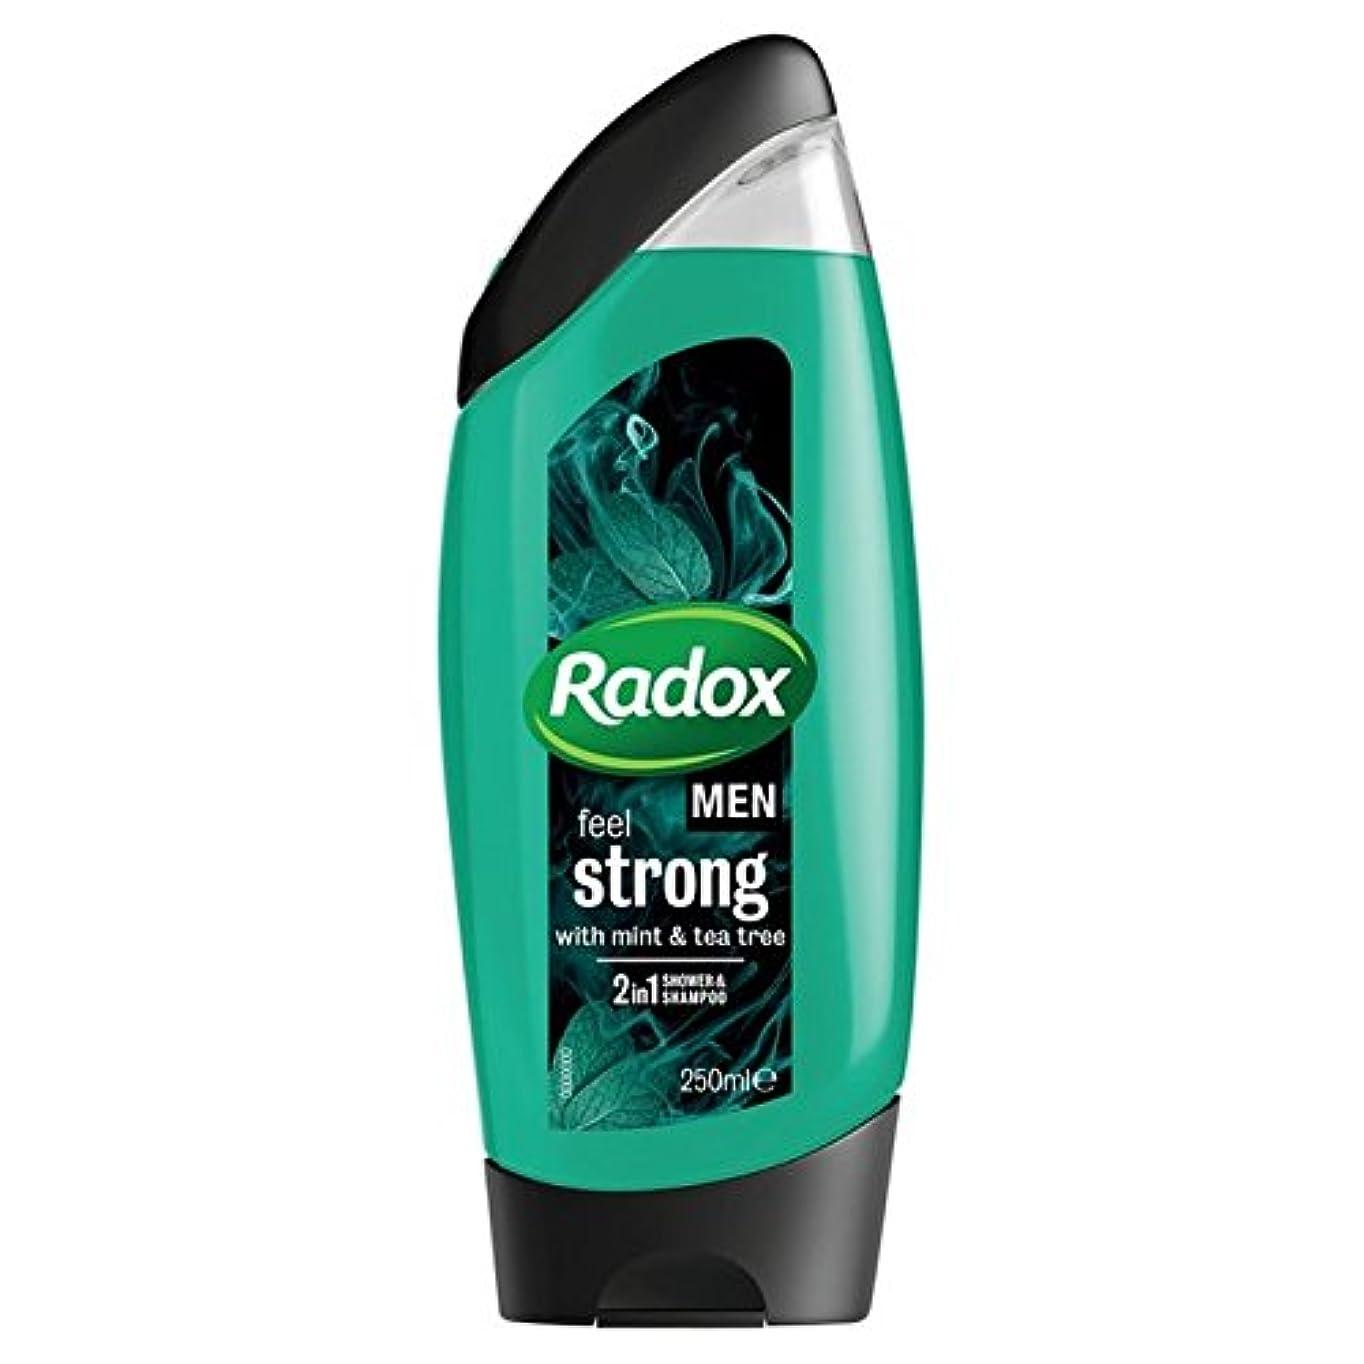 空白間欠ディプロマ男性は、強力なミント&ティーツリーの21のシャワージェル250ミリリットルを感じます x2 - Radox Men Feel Strong Mint & Tea Tree 2in1 Shower Gel 250ml (Pack of 2) [並行輸入品]